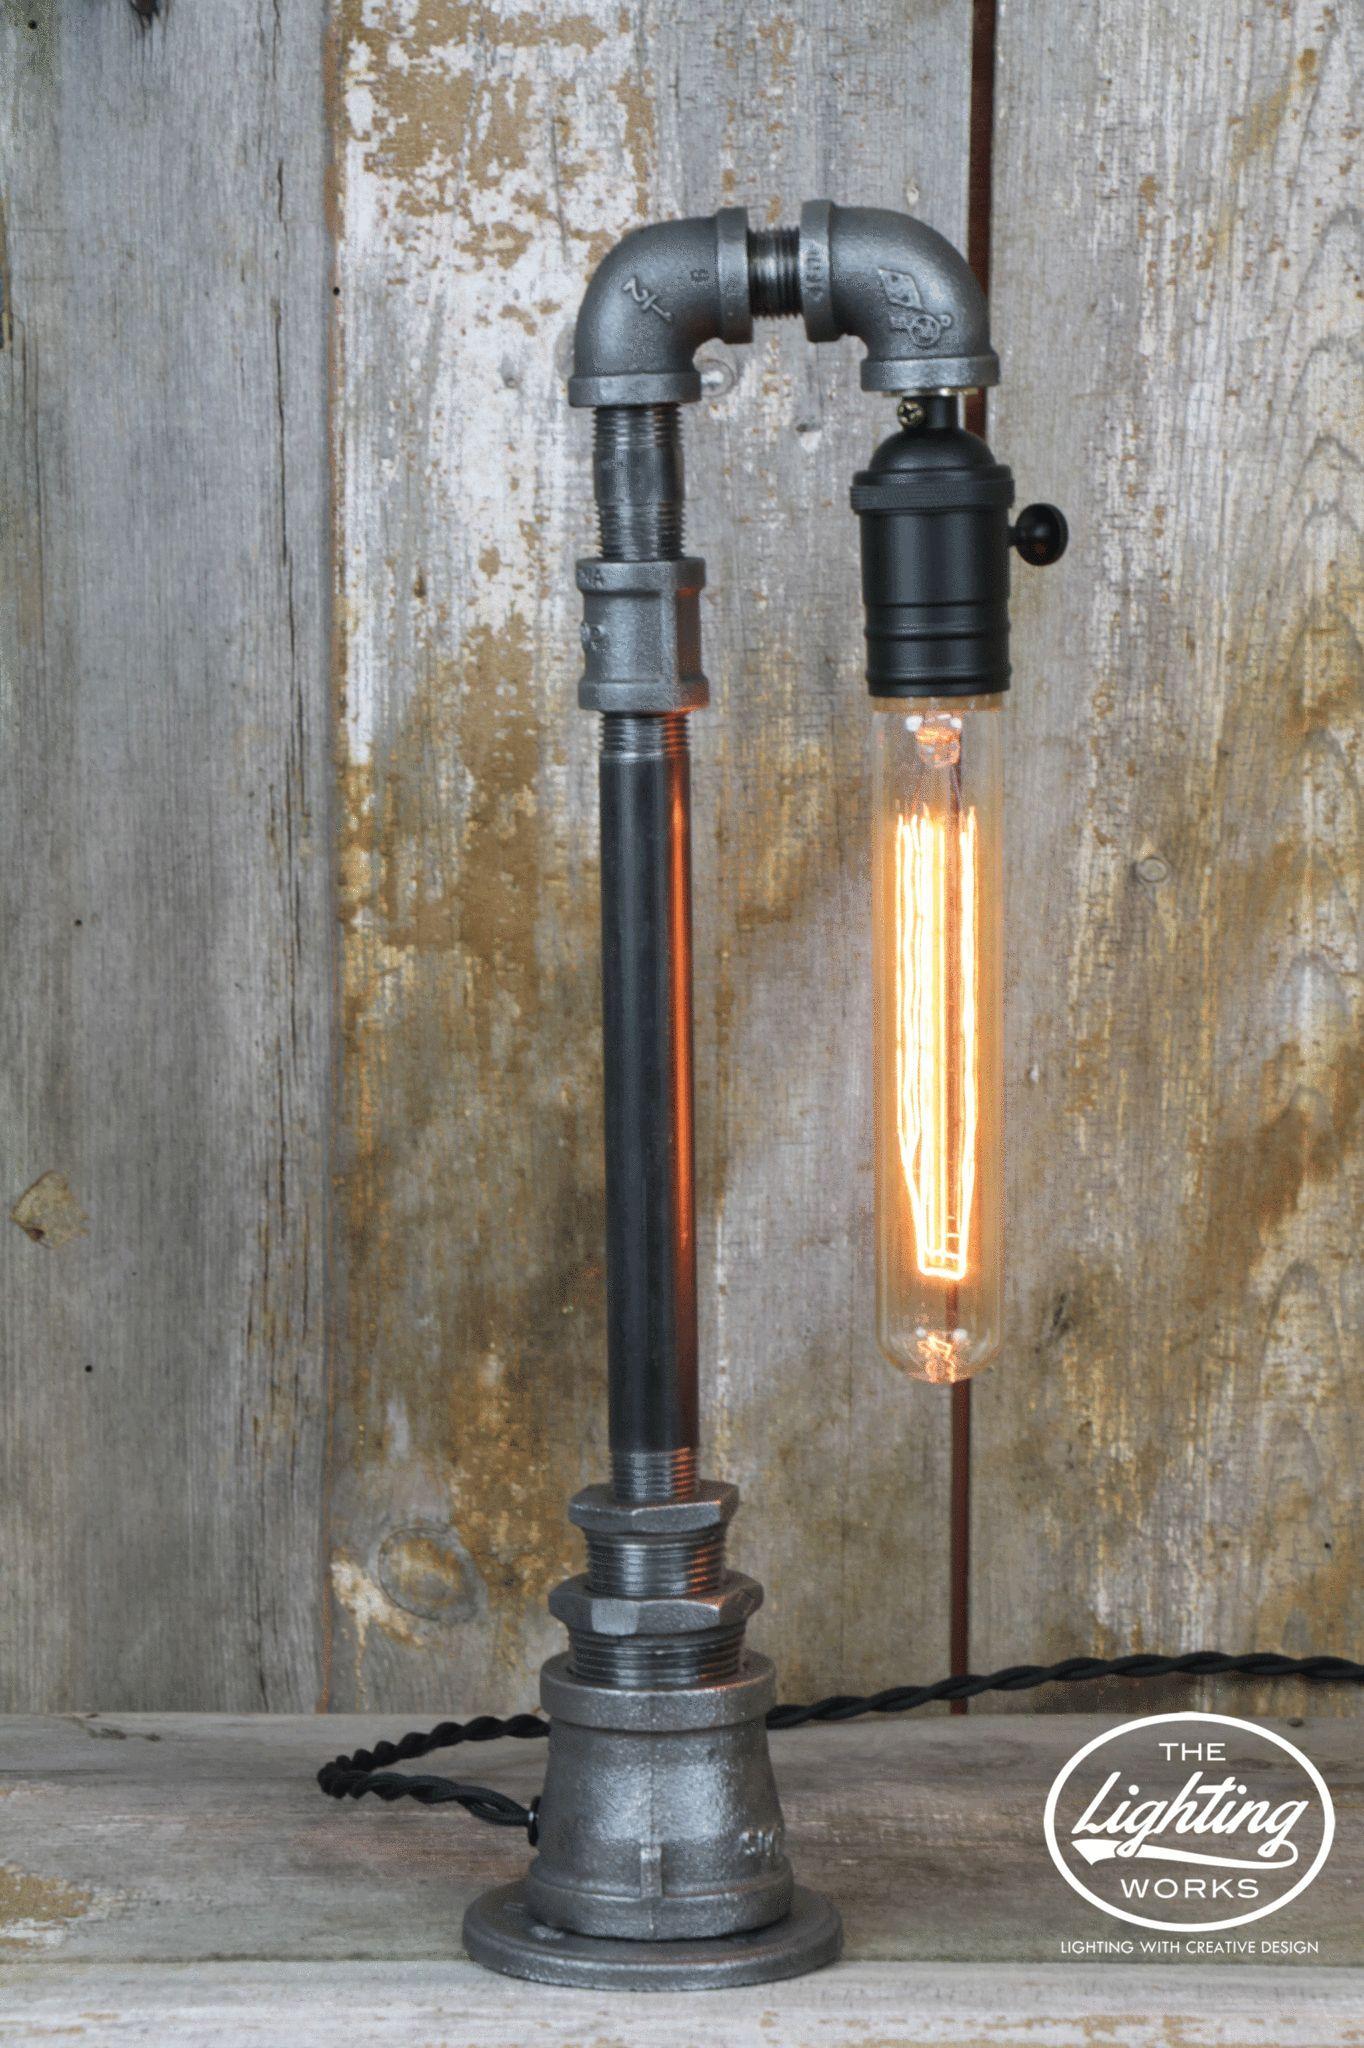 industrial lighting diy. Steampunk Table Lamp With A Sleek Industrial Design Lighting Diy